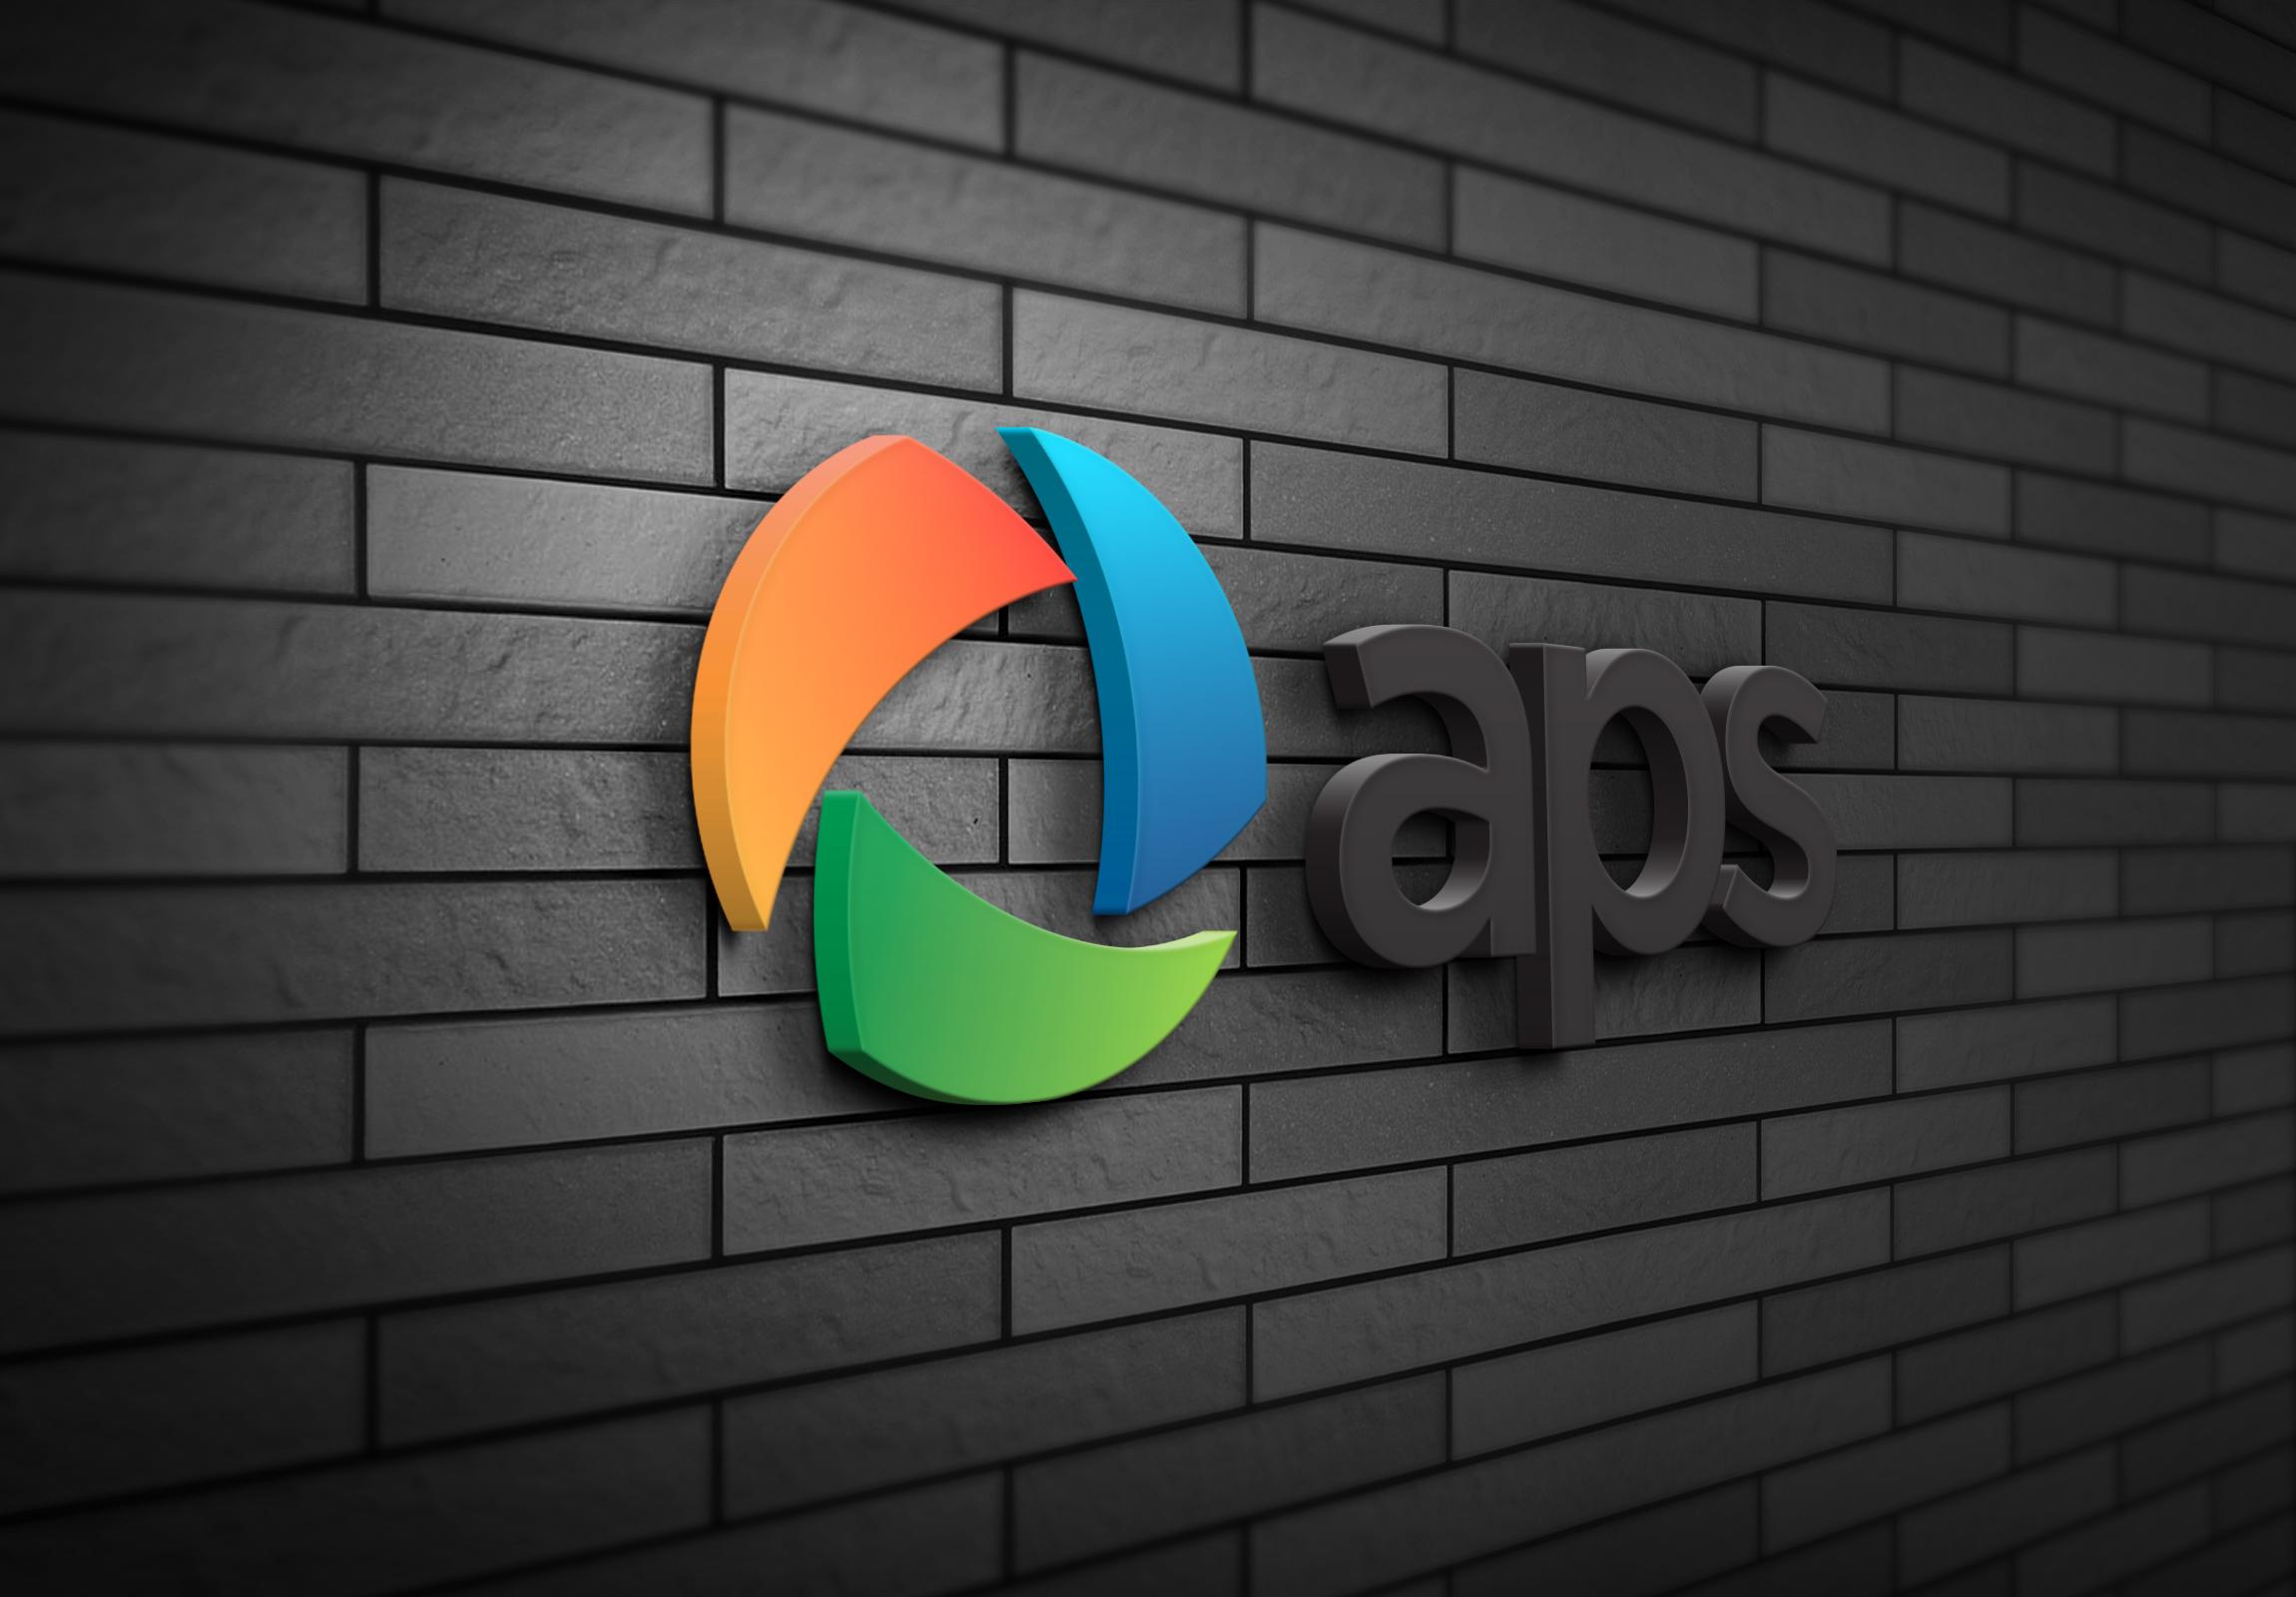 design 5 business logo